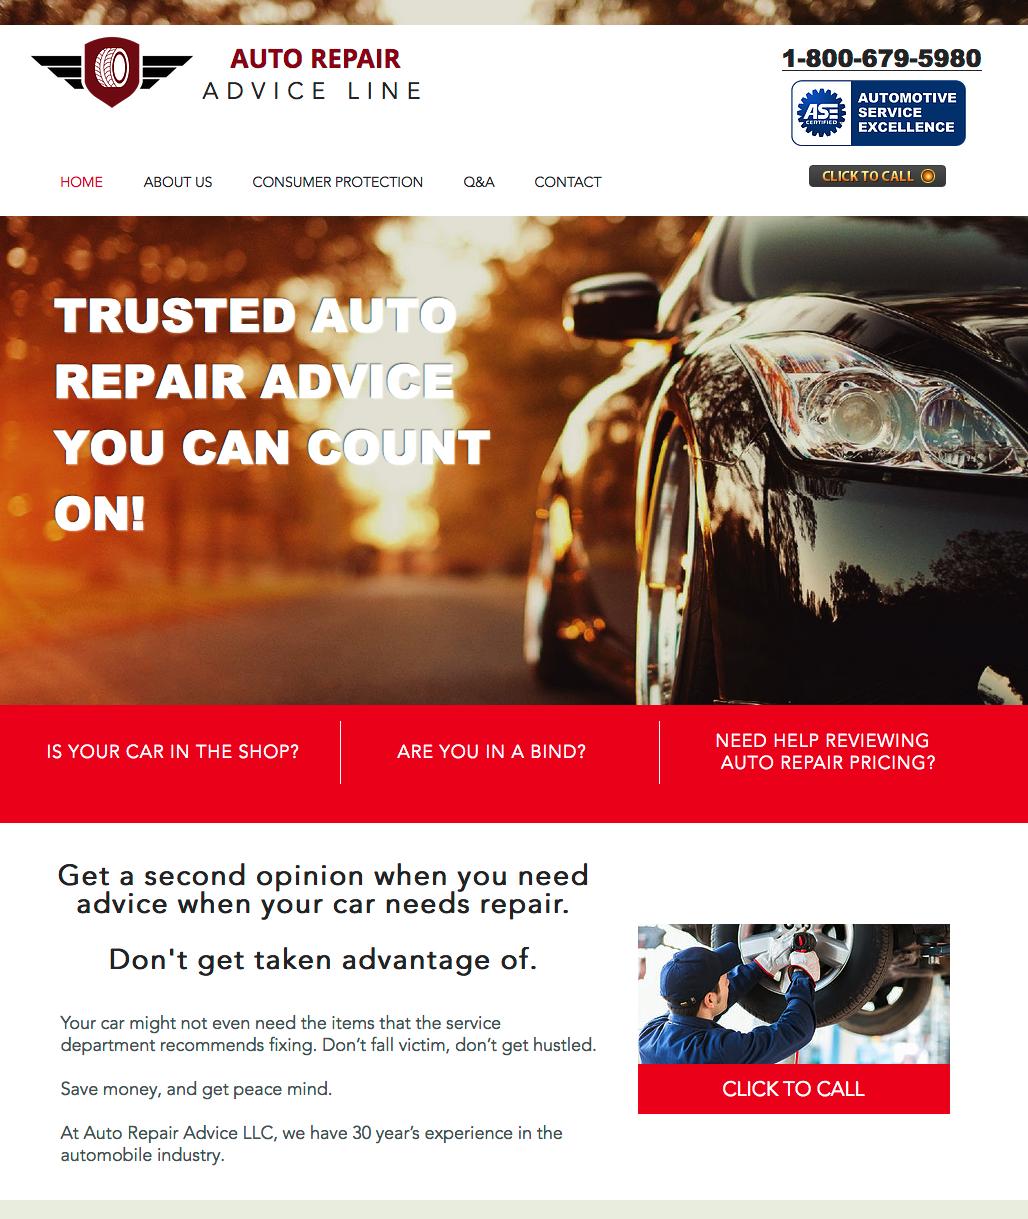 Advice Line (Automotive)